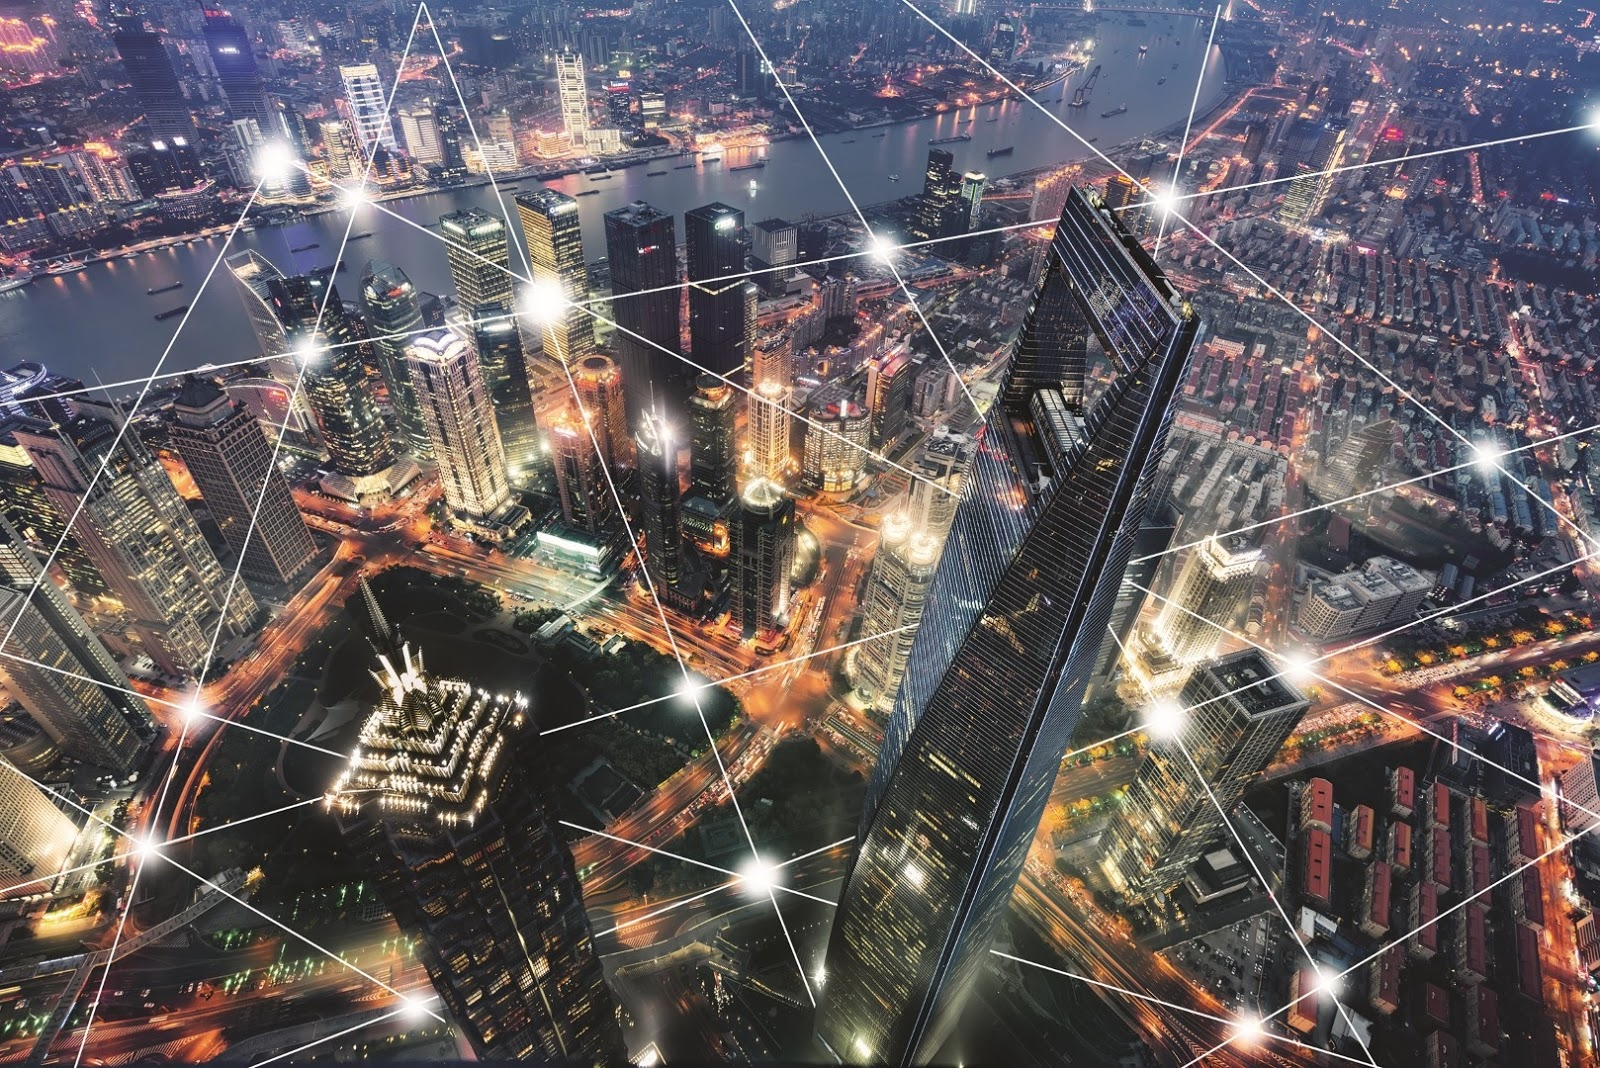 รายงานใหม่จาก Tech Research Asia (TRA) ชี้ชัด Edge Computing มีบทบาทสำคัญมากต่อกลยุทธ์ไอทีและการเติบโตของเศรษฐกิจดิจิทัลใน Asia-Pacific